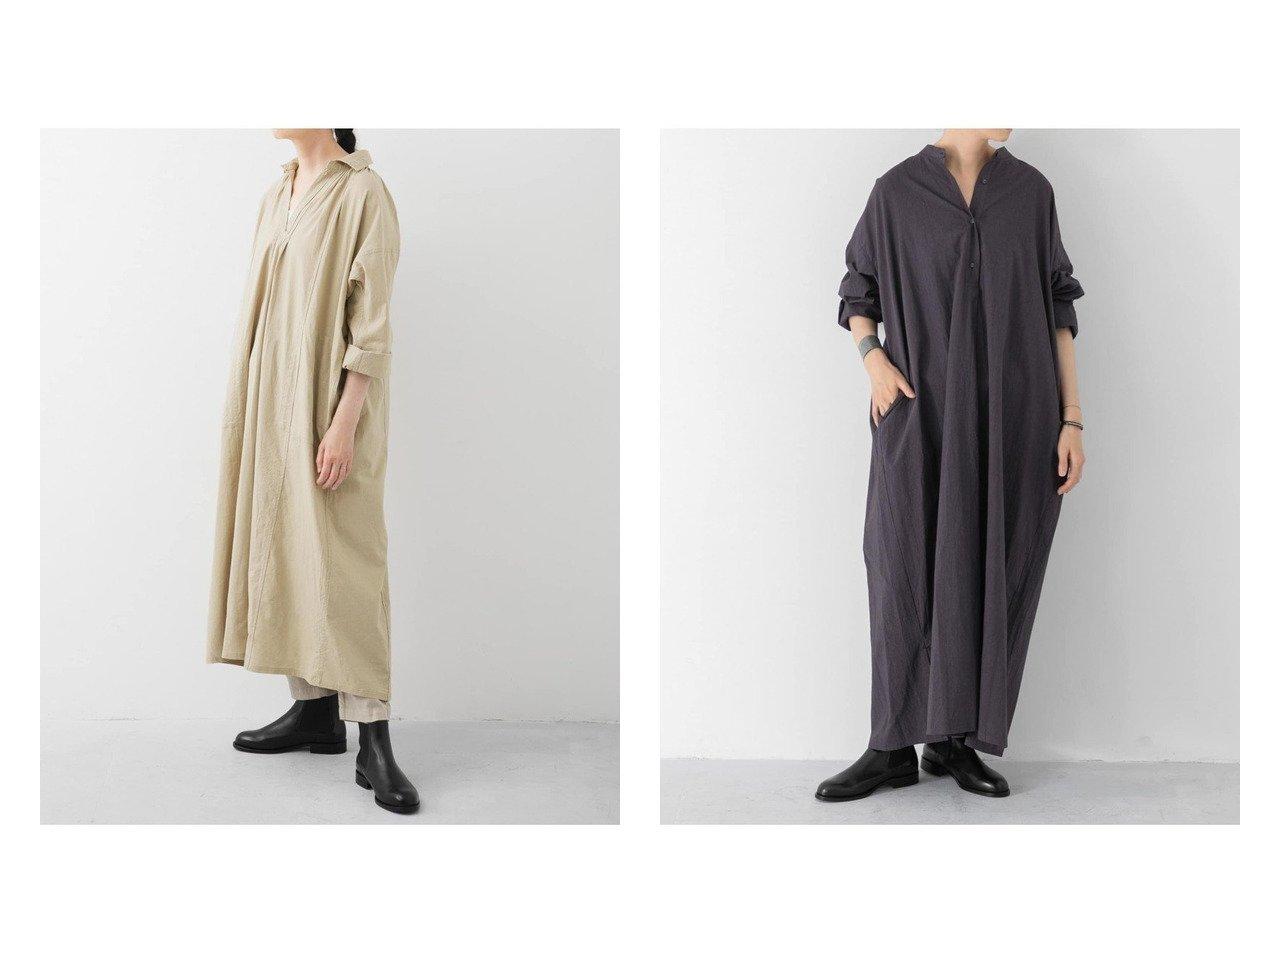 【kagure/かぐれ】のスタンドワイドシャツワンピース&グランパシャツワンピース ワンピース・ドレスのおすすめ!人気、トレンド・レディースファッションの通販  おすすめで人気の流行・トレンド、ファッションの通販商品 メンズファッション・キッズファッション・インテリア・家具・レディースファッション・服の通販 founy(ファニー) https://founy.com/ ファッション Fashion レディースファッション WOMEN ワンピース Dress シャツワンピース Shirt Dresses インド インナー モチーフ レギンス なめらか スタンド マキシ ワイド |ID:crp329100000010171